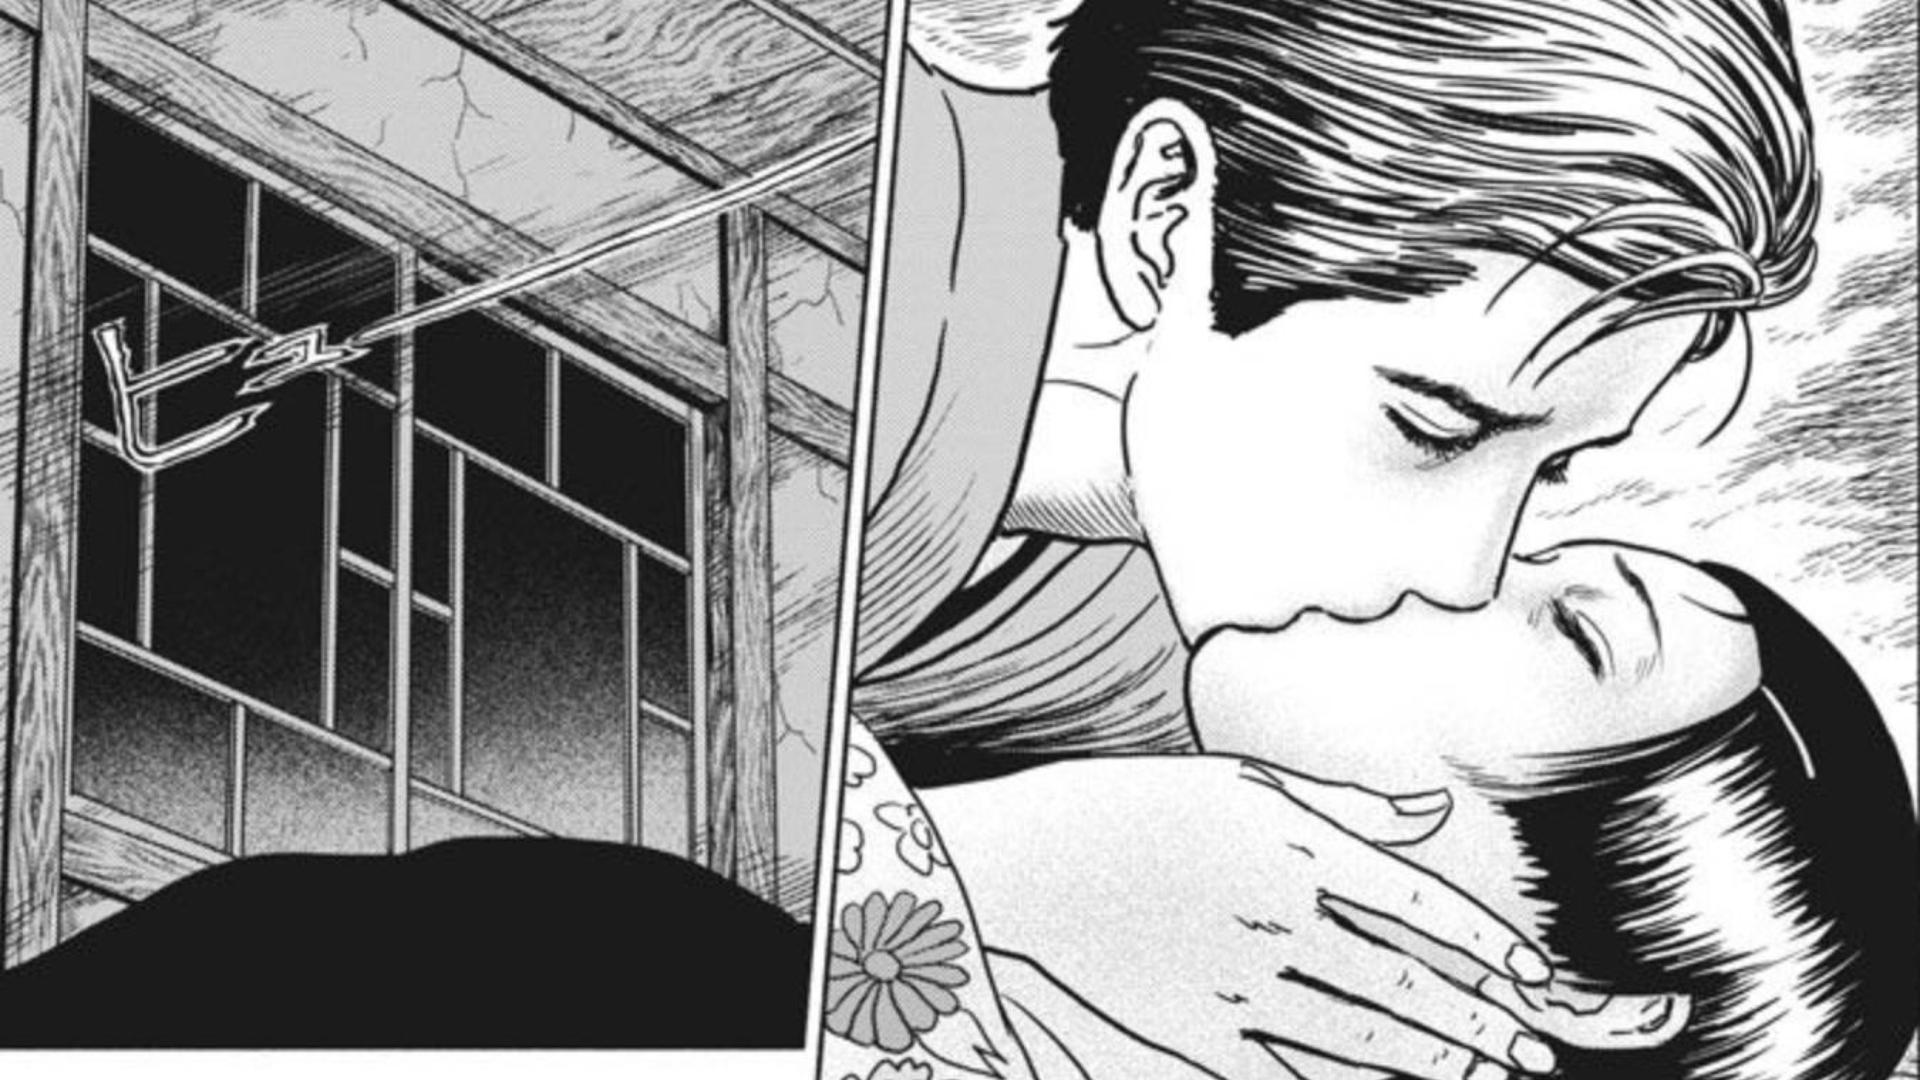 【人间失格6-伊藤润二】这部漫画的女人都是为了满足男主的桃花运